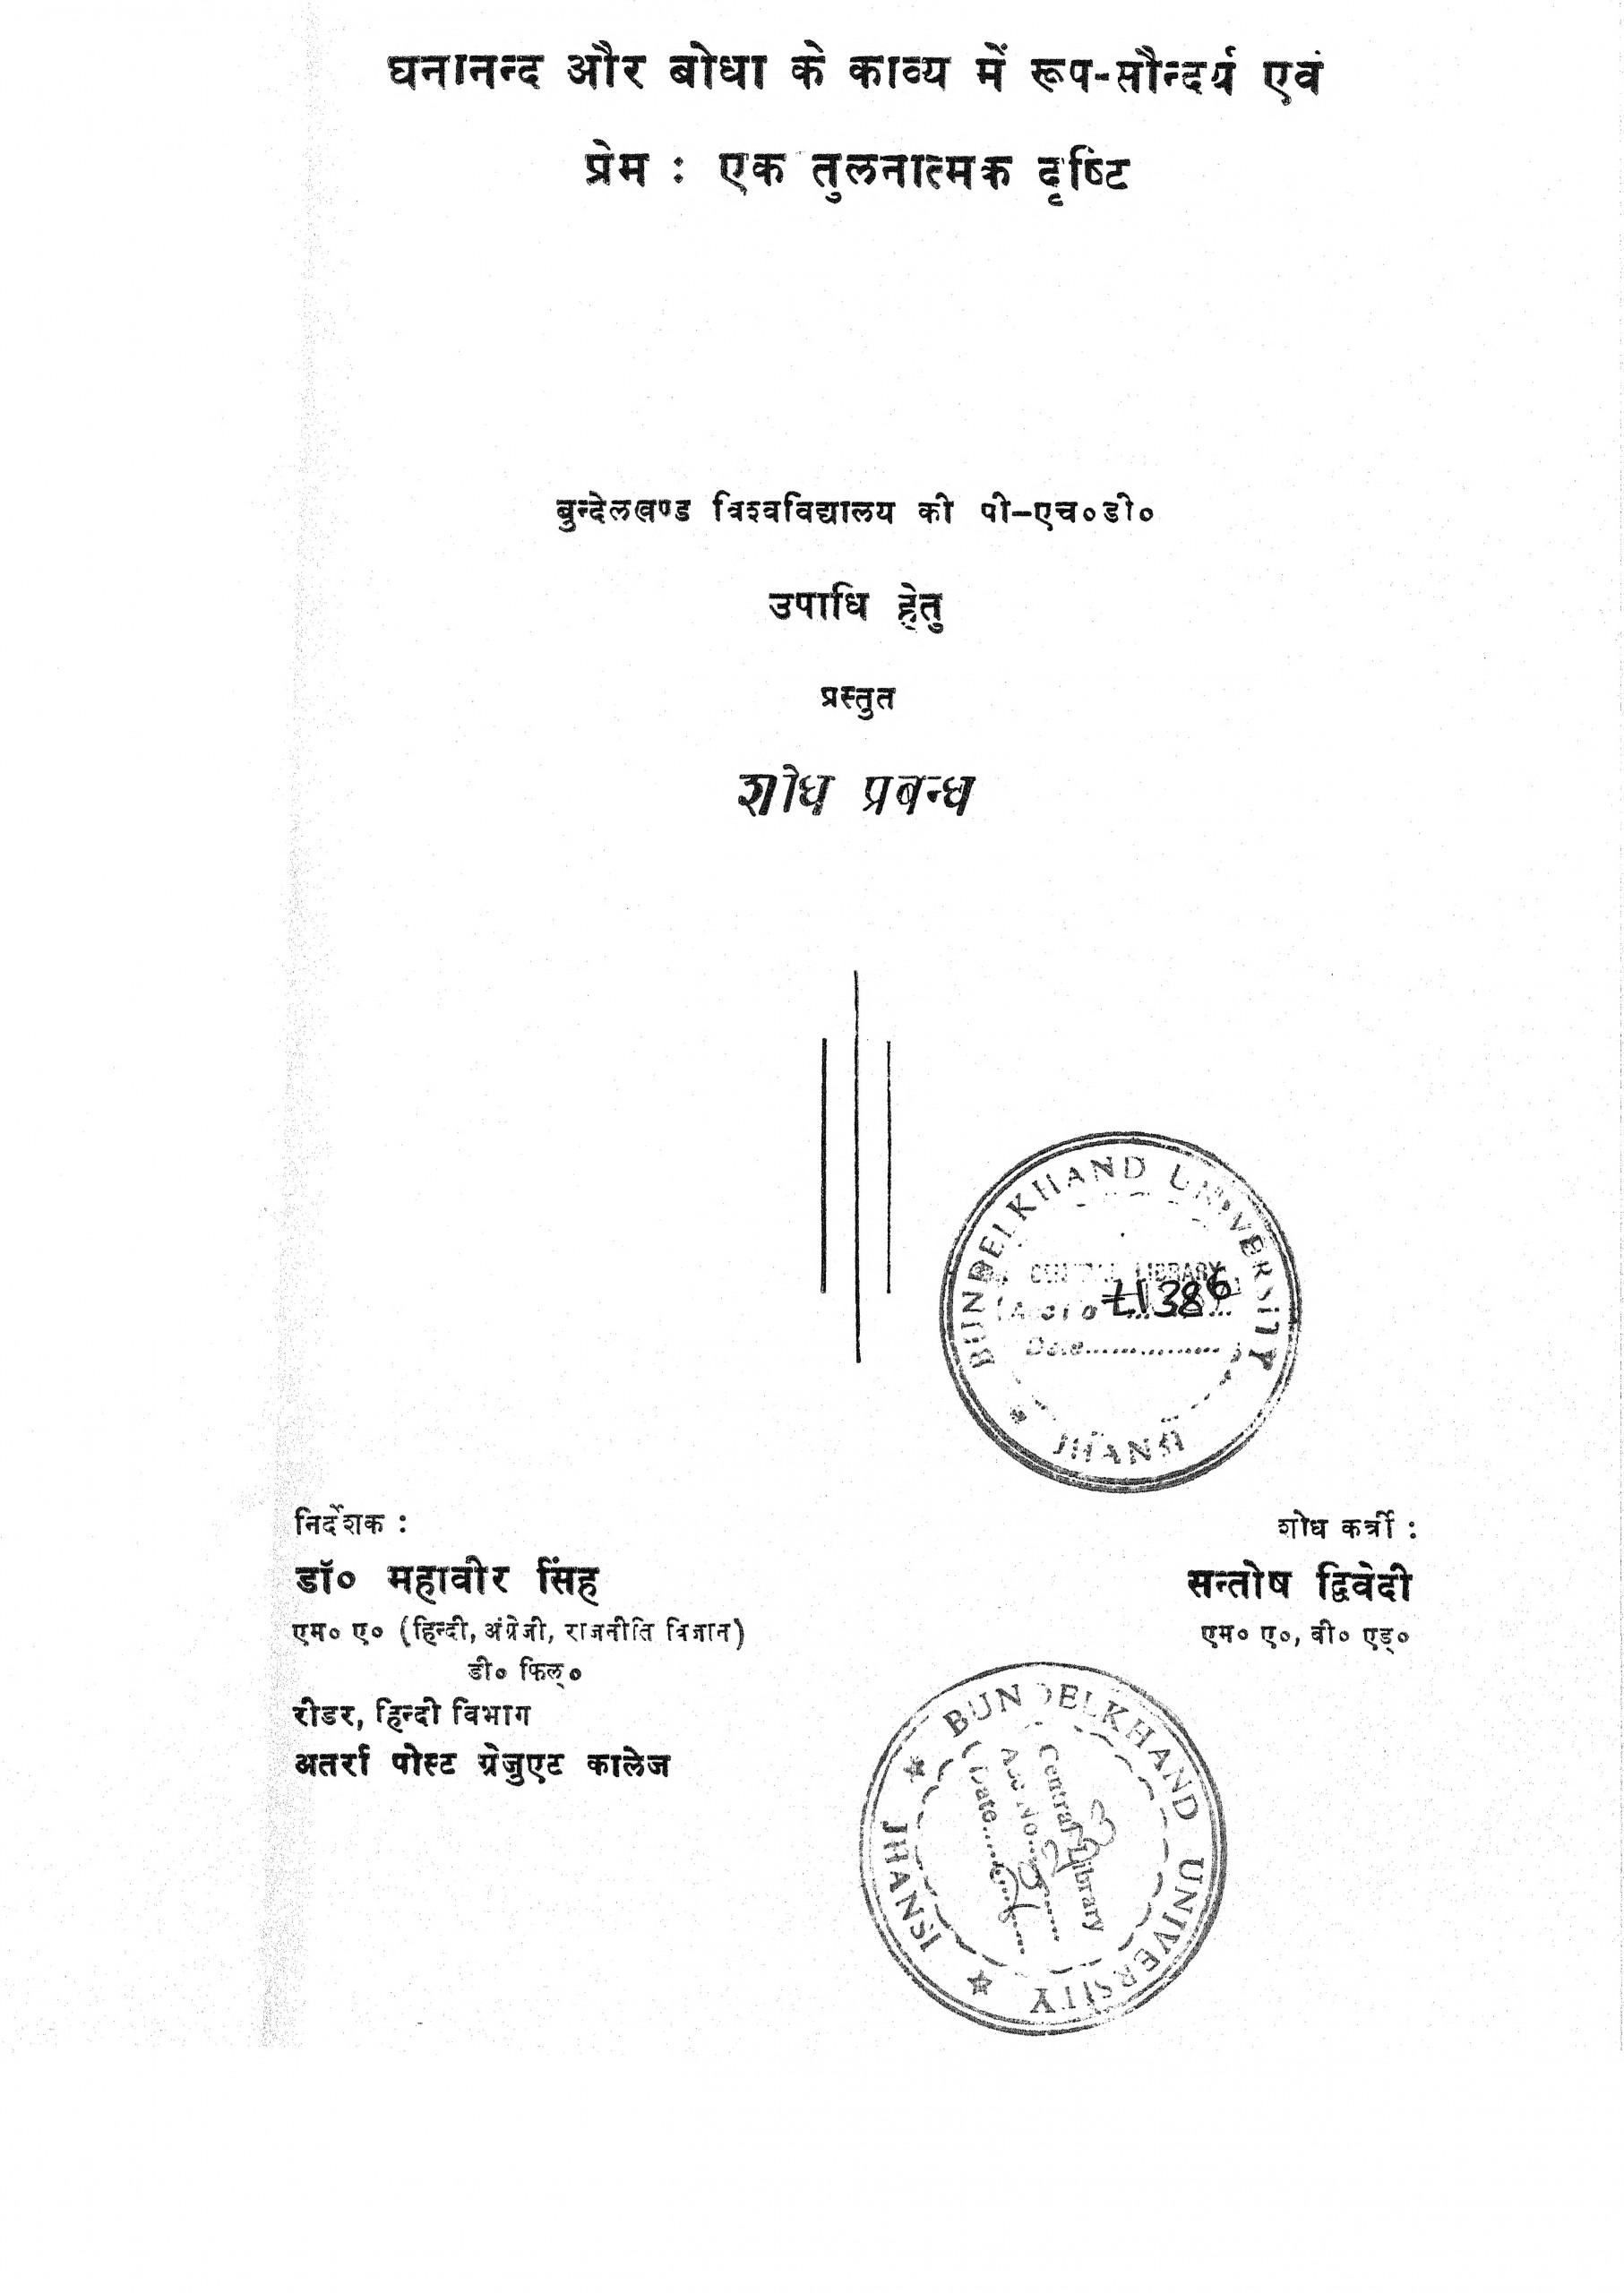 Book Image : घनानन्द और बोधा के काव्य में रूप सौन्दर्य एवं प्रेम : एक तुलनात्मक दृष्टि - Ghananand Aur Bodha Ke Kavya Mein Roop Saundarya Avam Prem Ek Tulnatmak Drishti